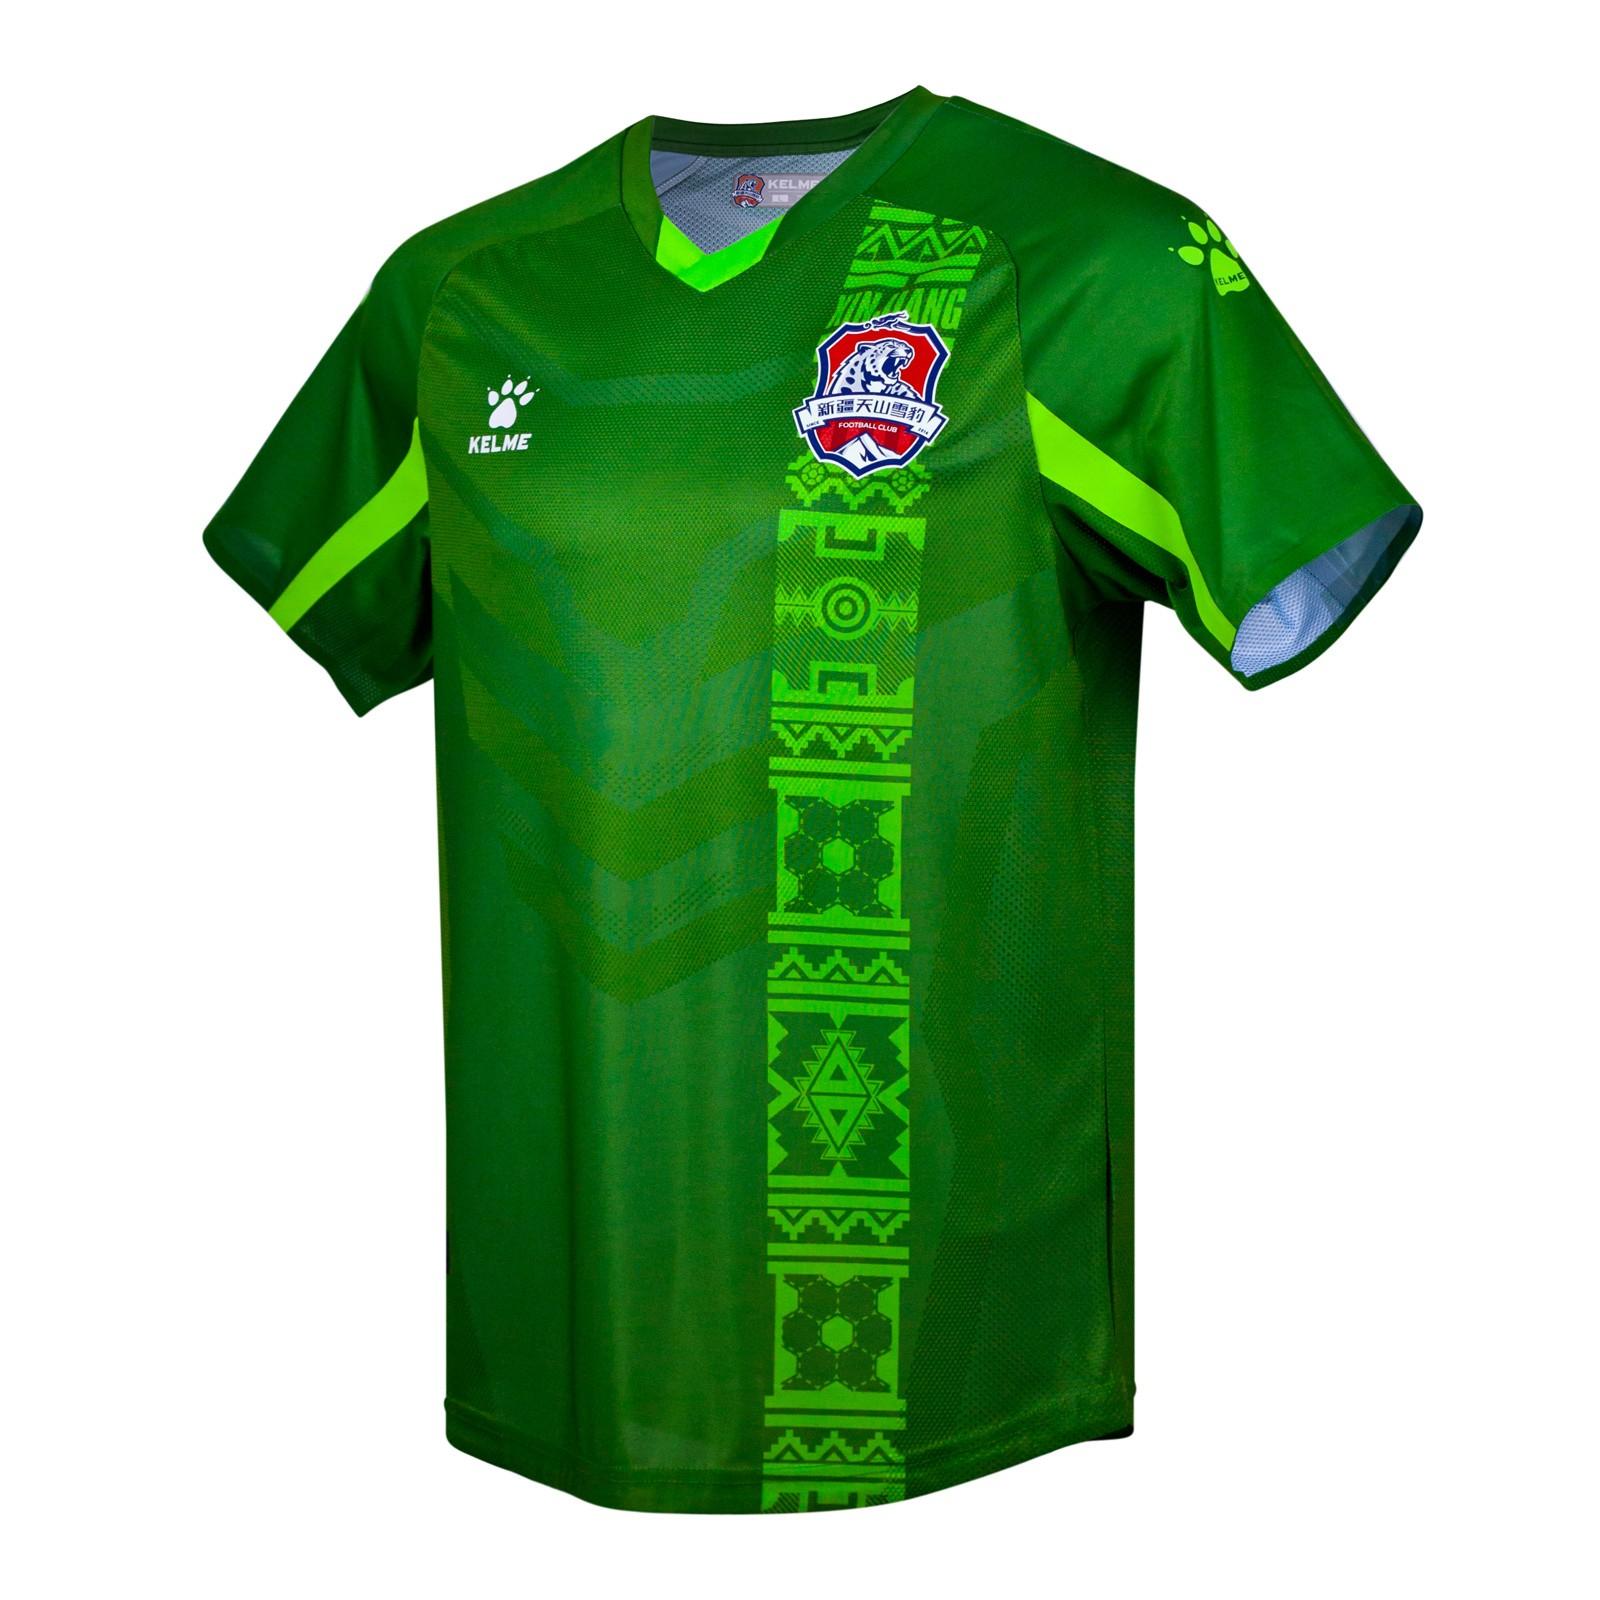 新疆天山雪豹2020赛季球员版主场球衣